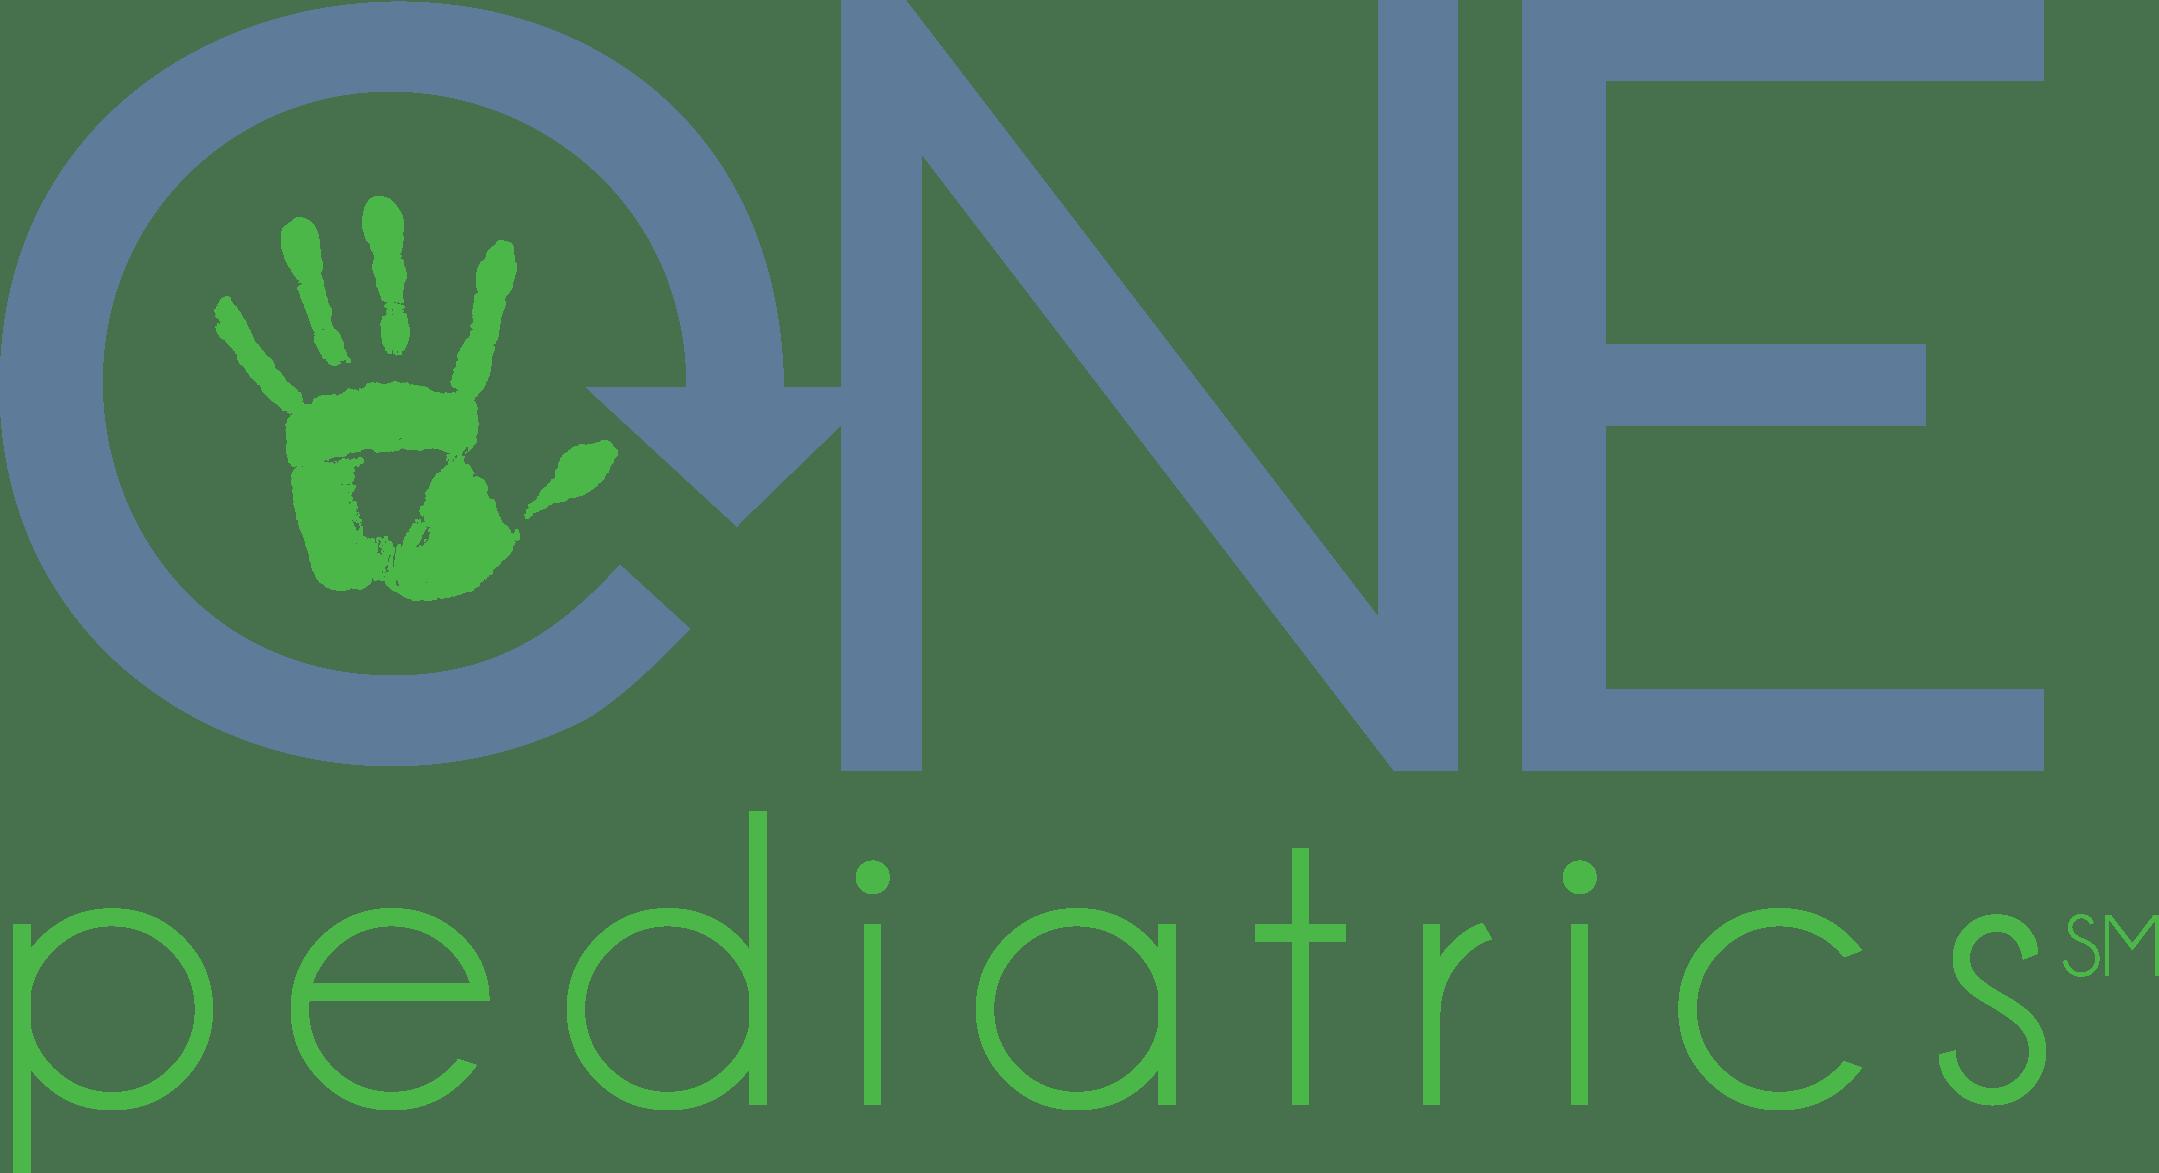 OnePediatrics